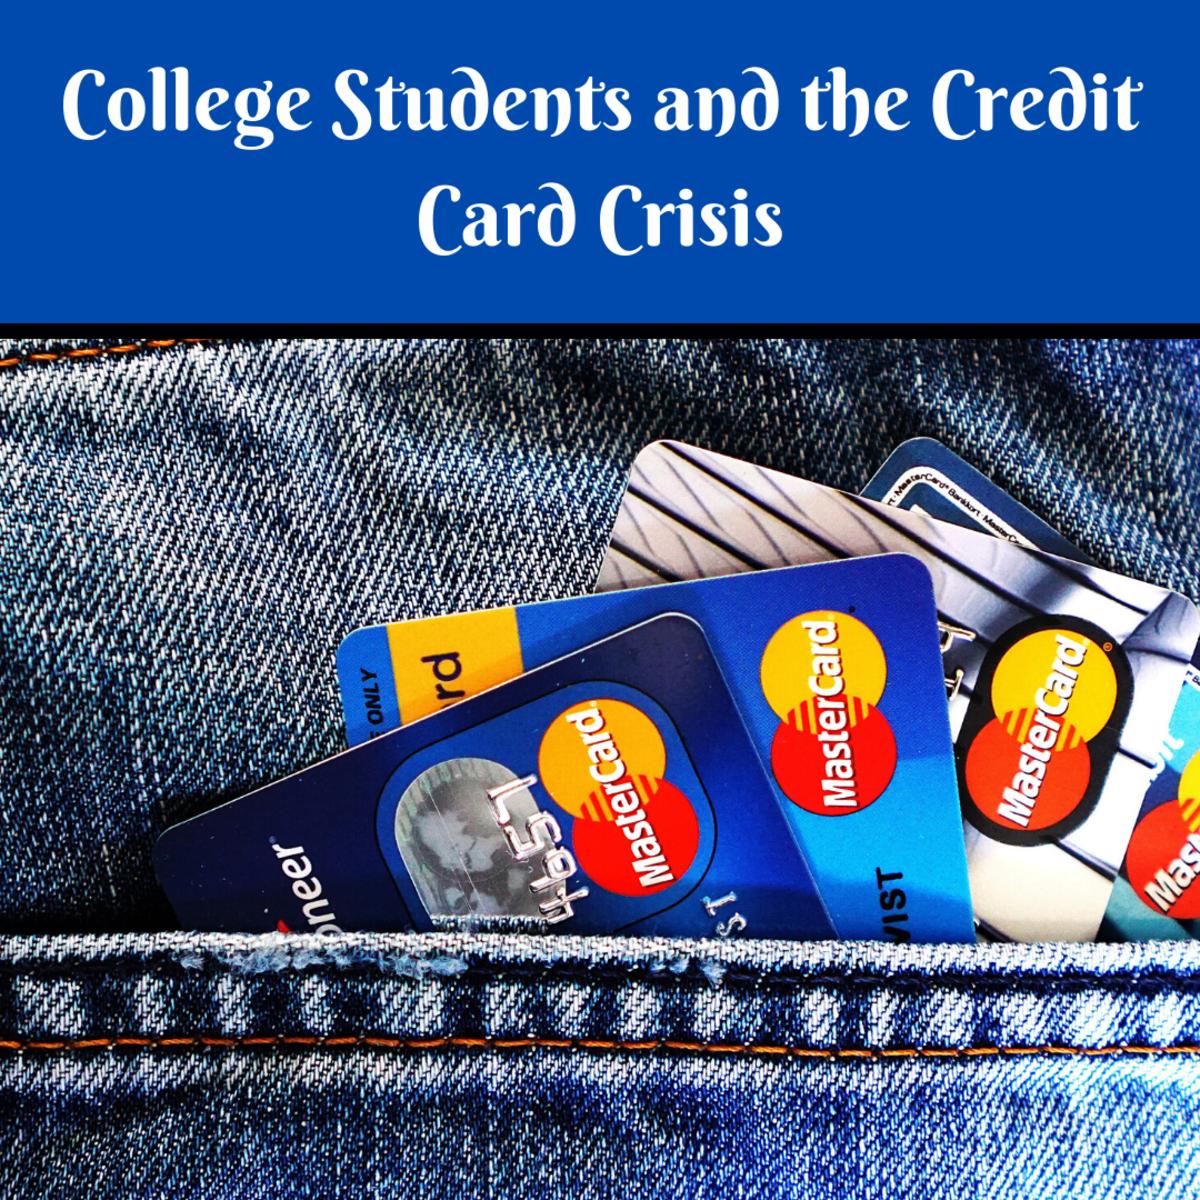 继续读下去,了解信用卡是如何使大学生陷入困境的。